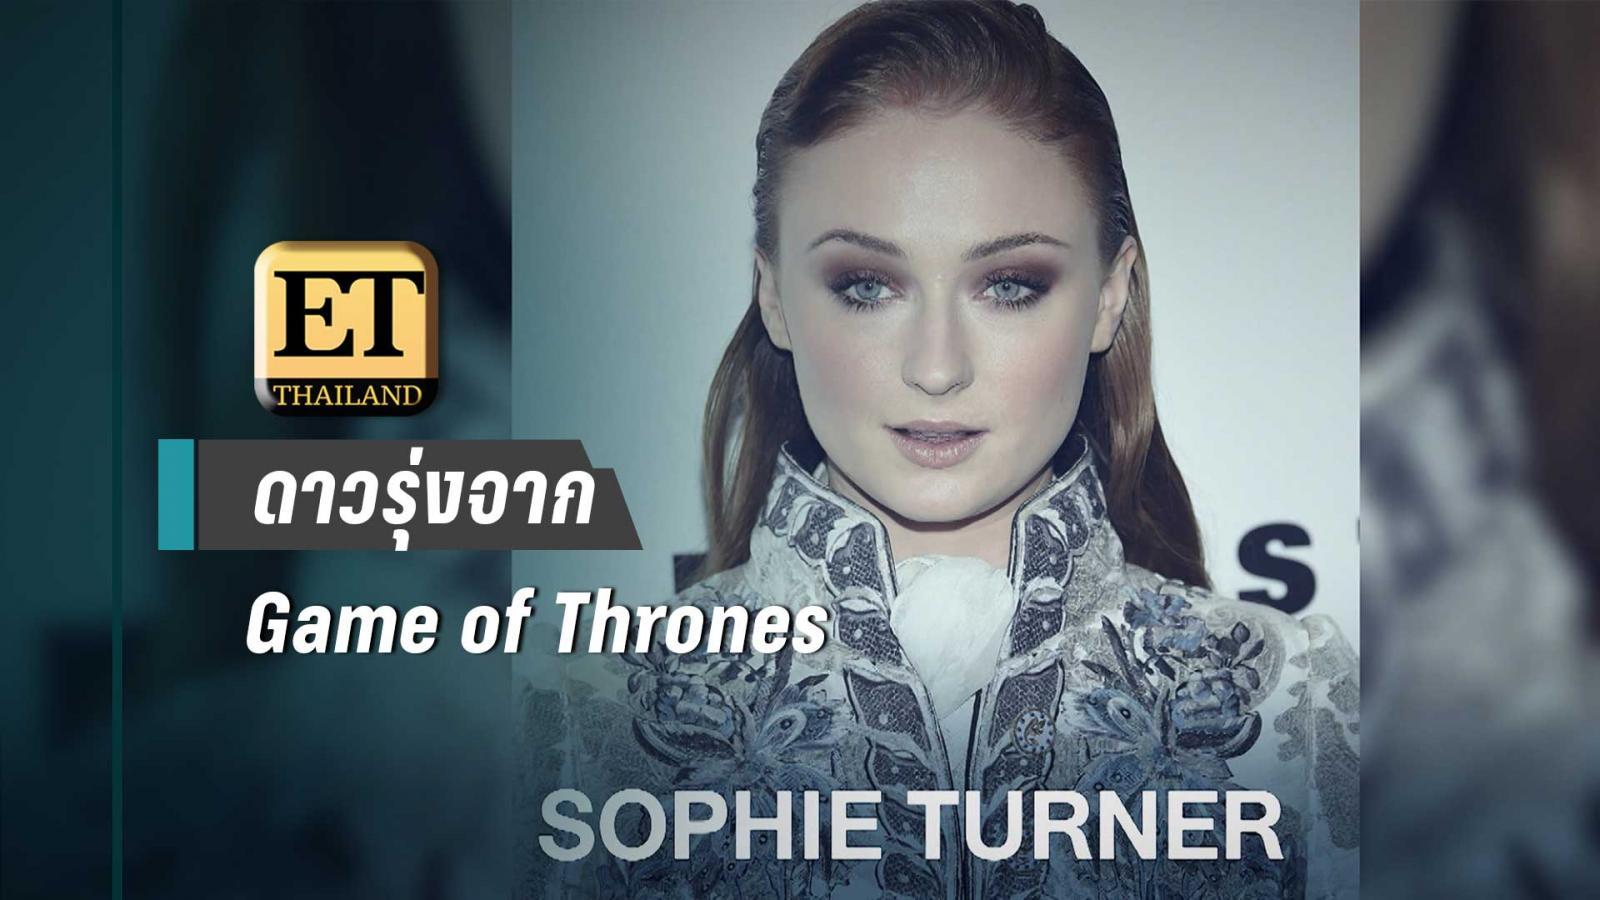 Sophie Turner ว่าที่ซุปตาร์จาก Game of Thrones